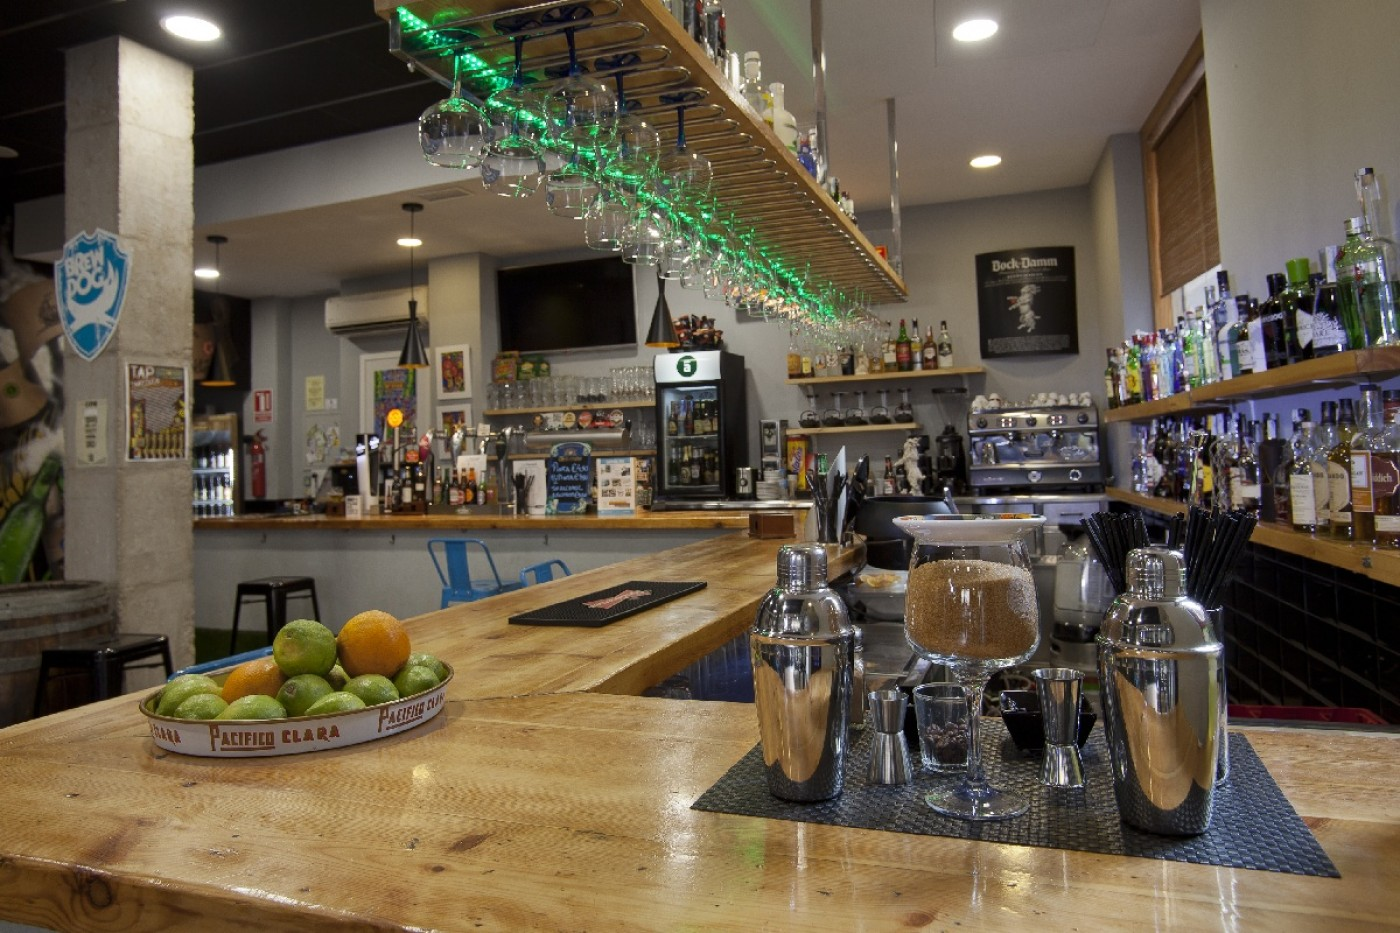 La Porchá Cafe Bar